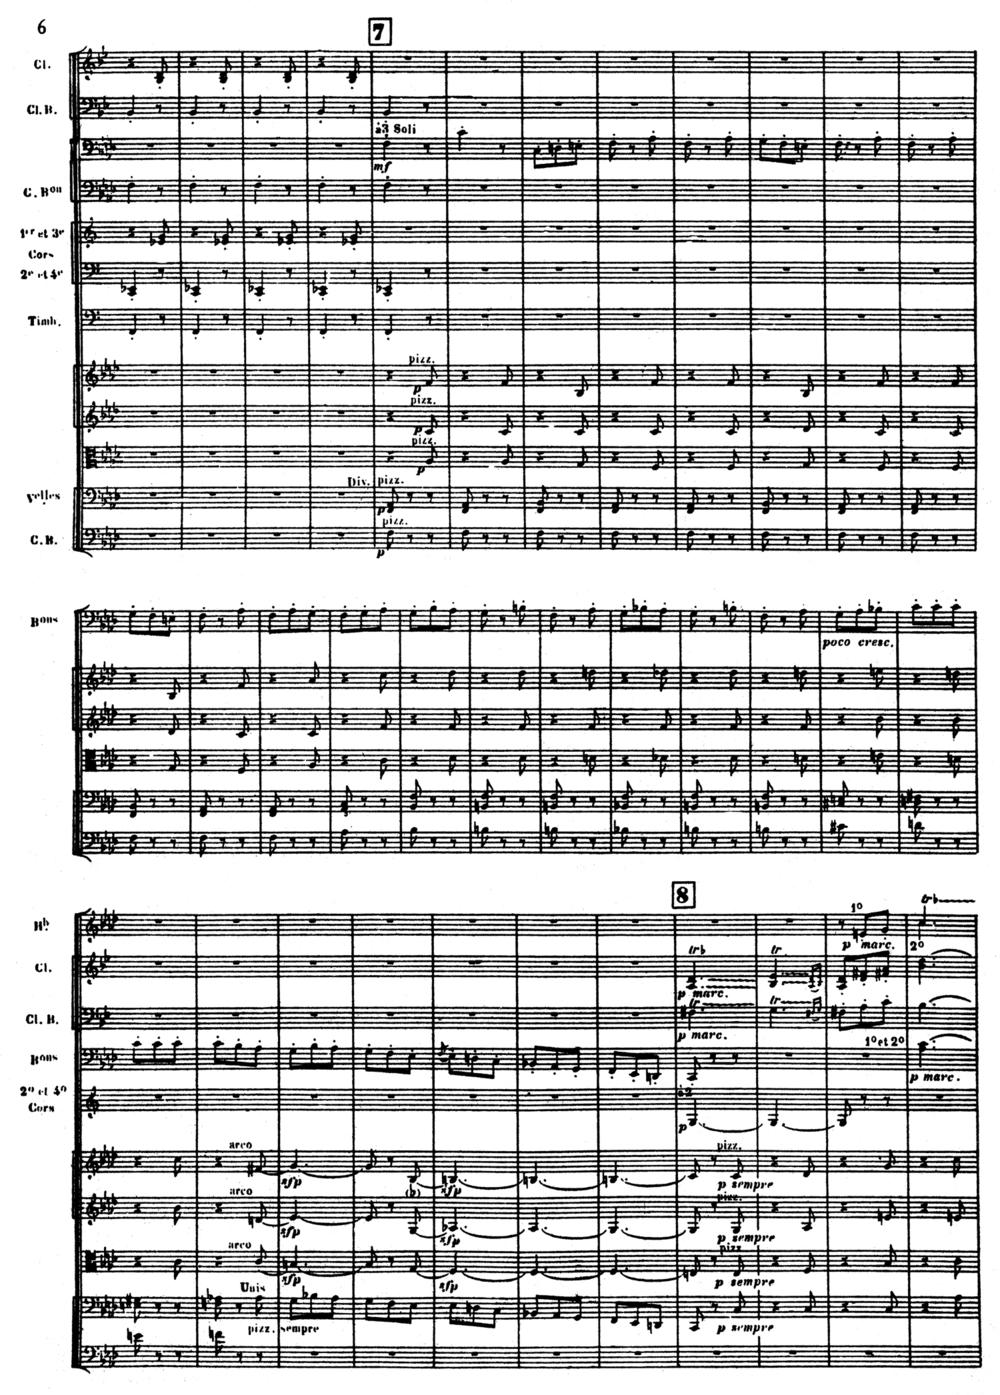 Dukas Score 2.jpg